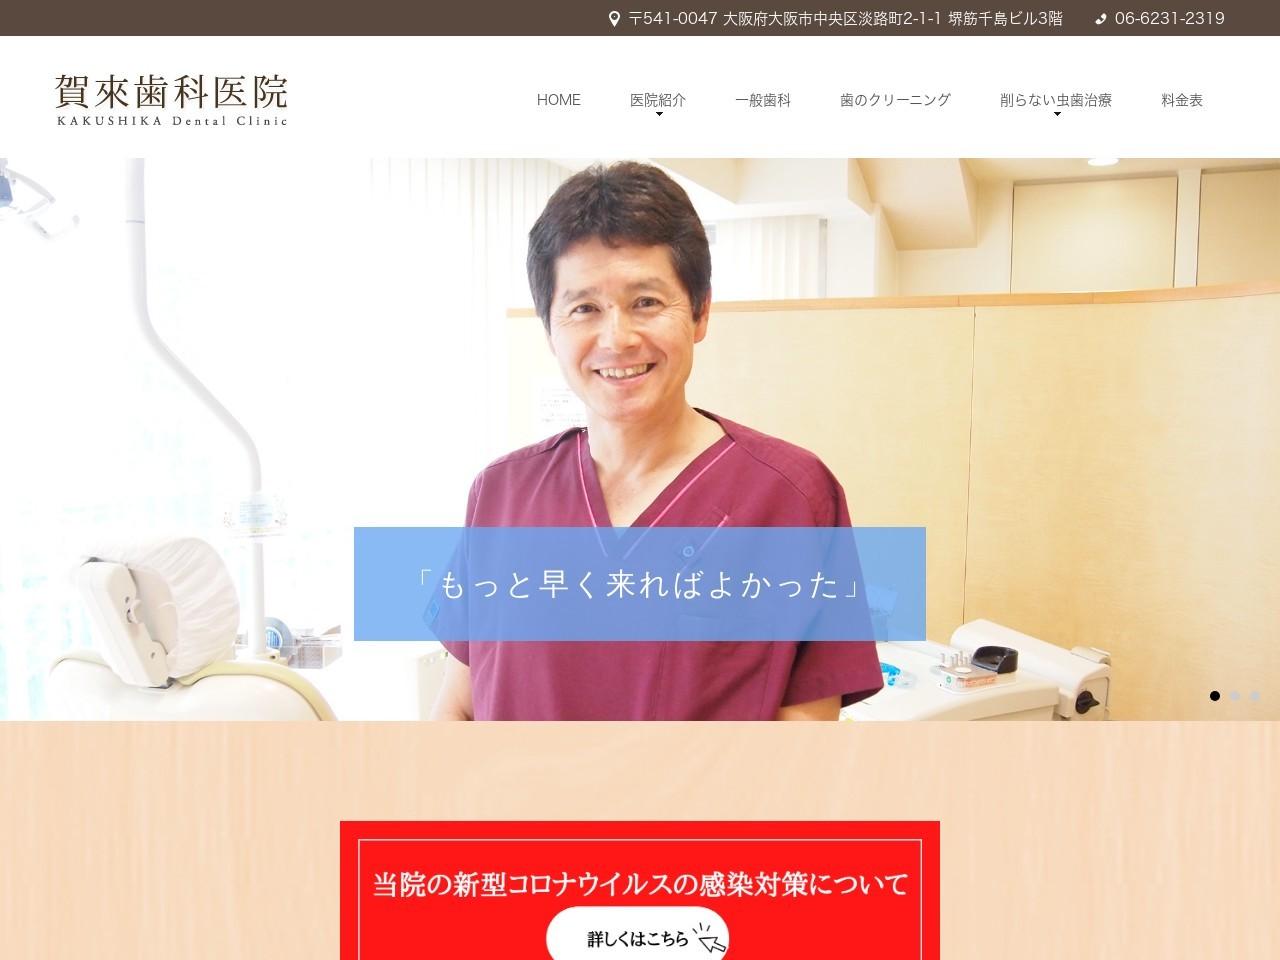 賀來歯科医院 (大阪府大阪市中央区)